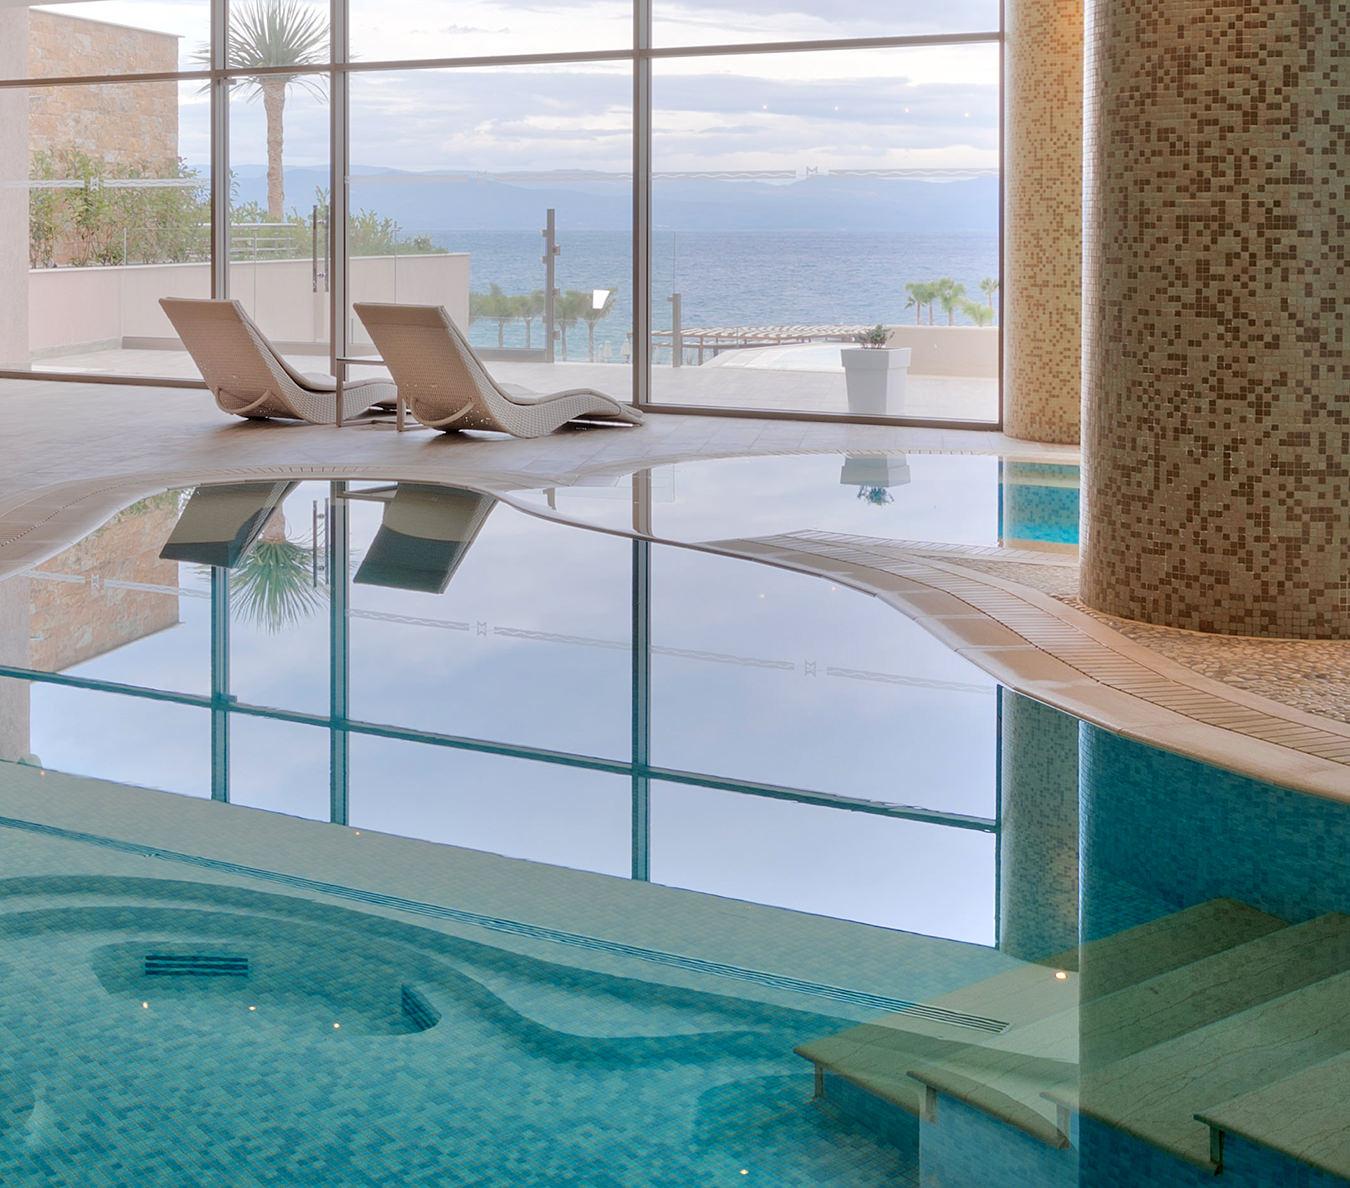 Miraggio Thermal Spa Resort, Γιώργος Φάκαρος - Αρχιτεκτονική Φωτογραφία | Εσωτερικοί Χώροι | Φωτογραφία Ξενοδοχειών - Photography / Φωτογραφία